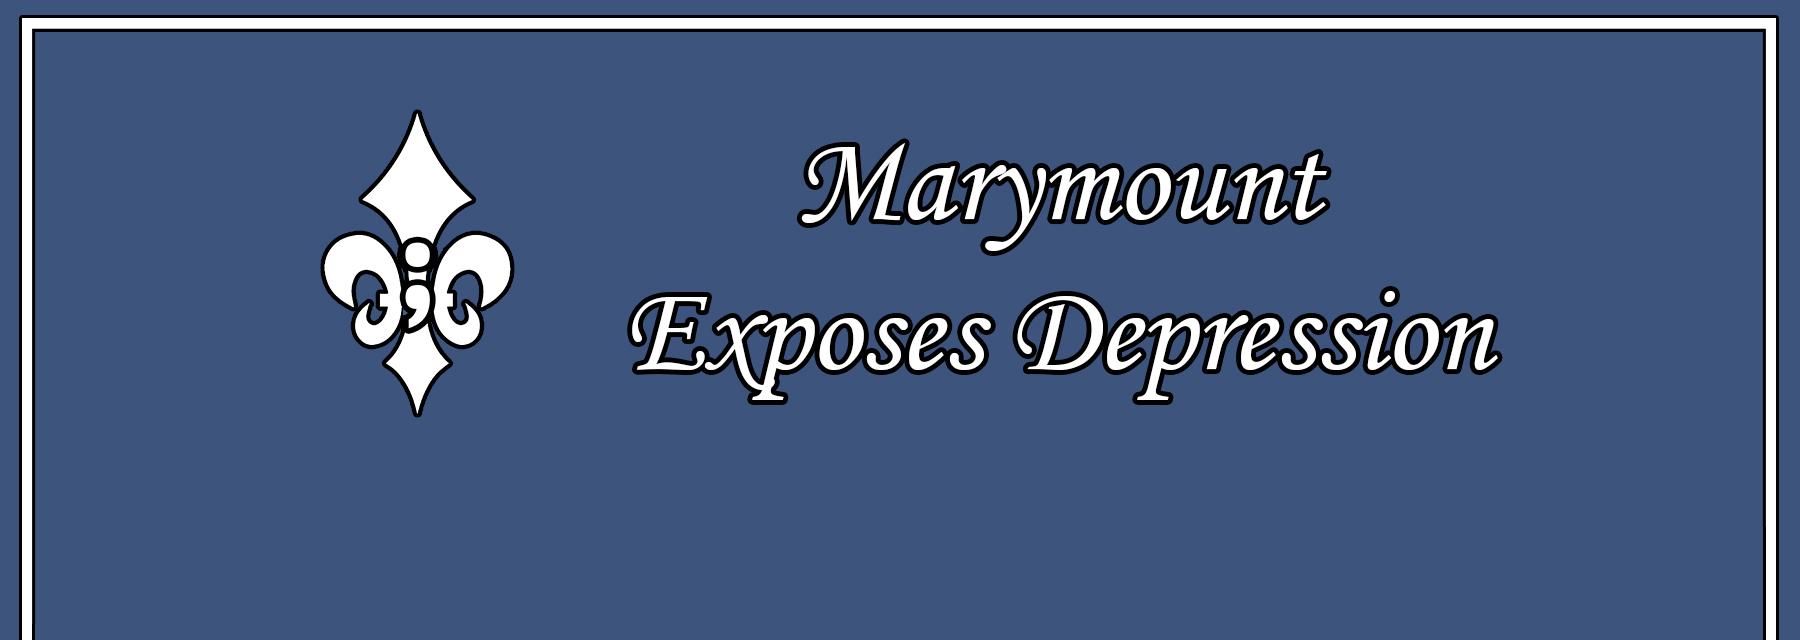 Marymount Exposes Depression